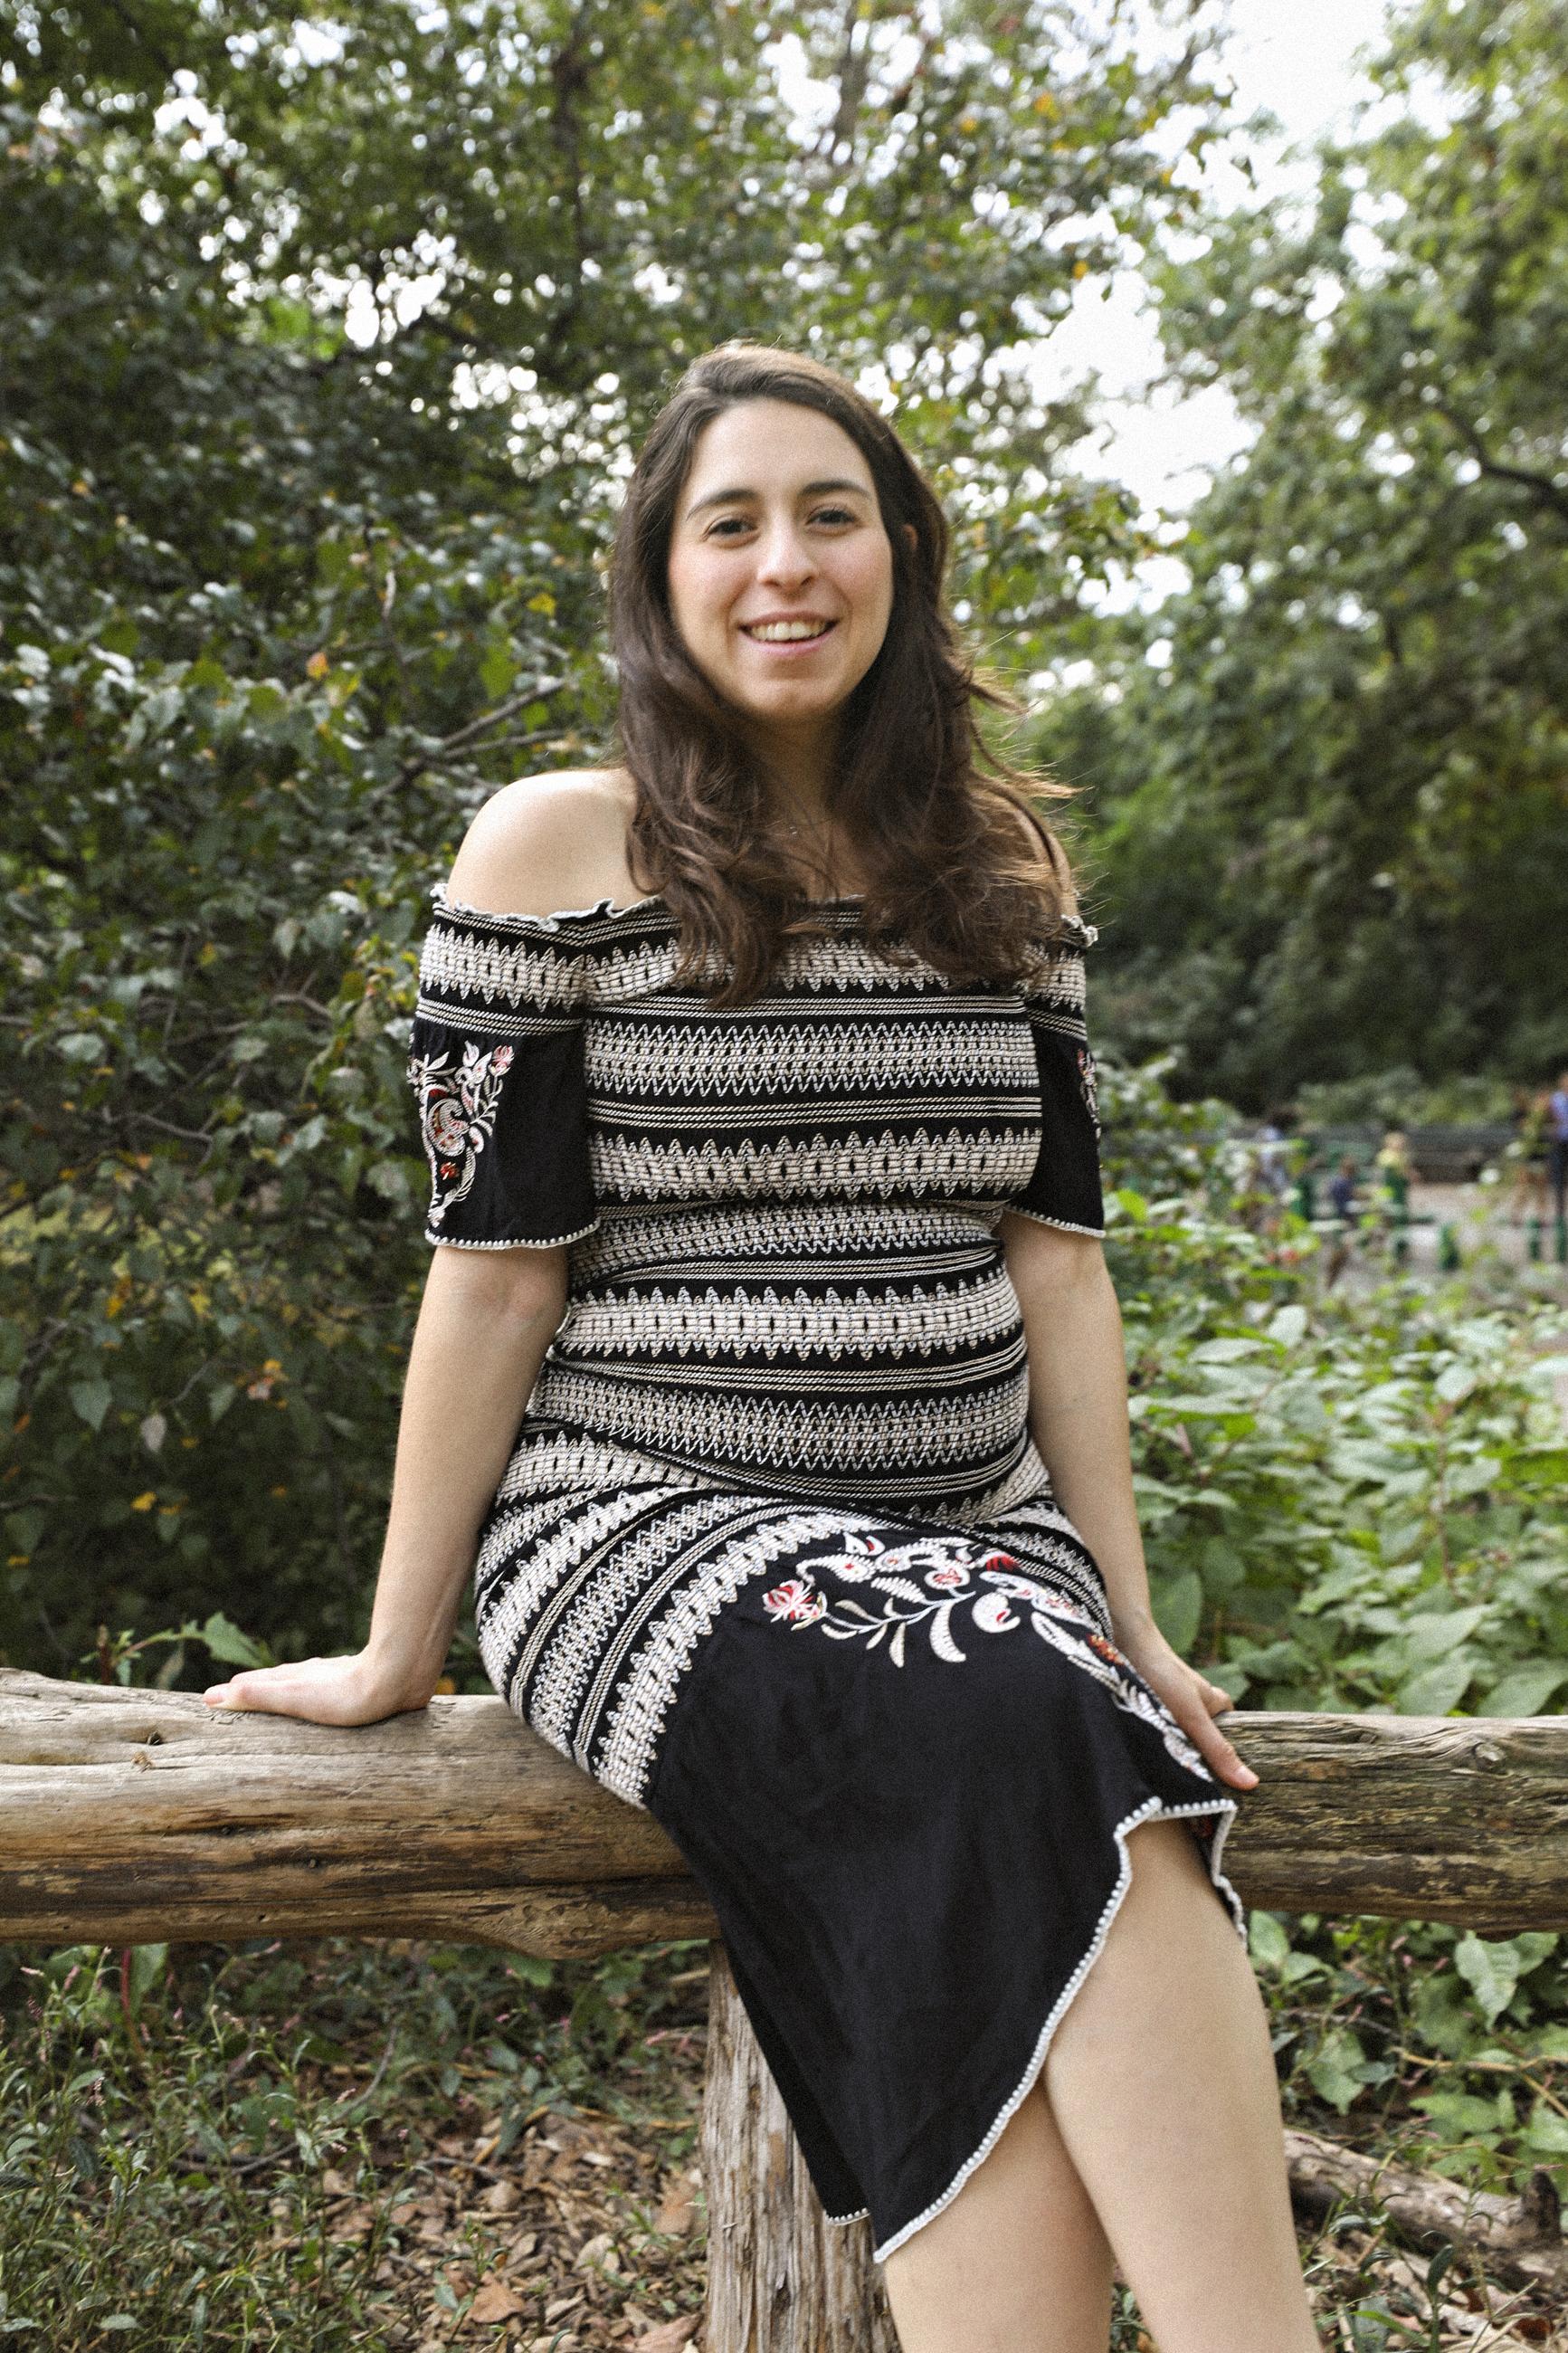 Photo by Amanda Saviñón